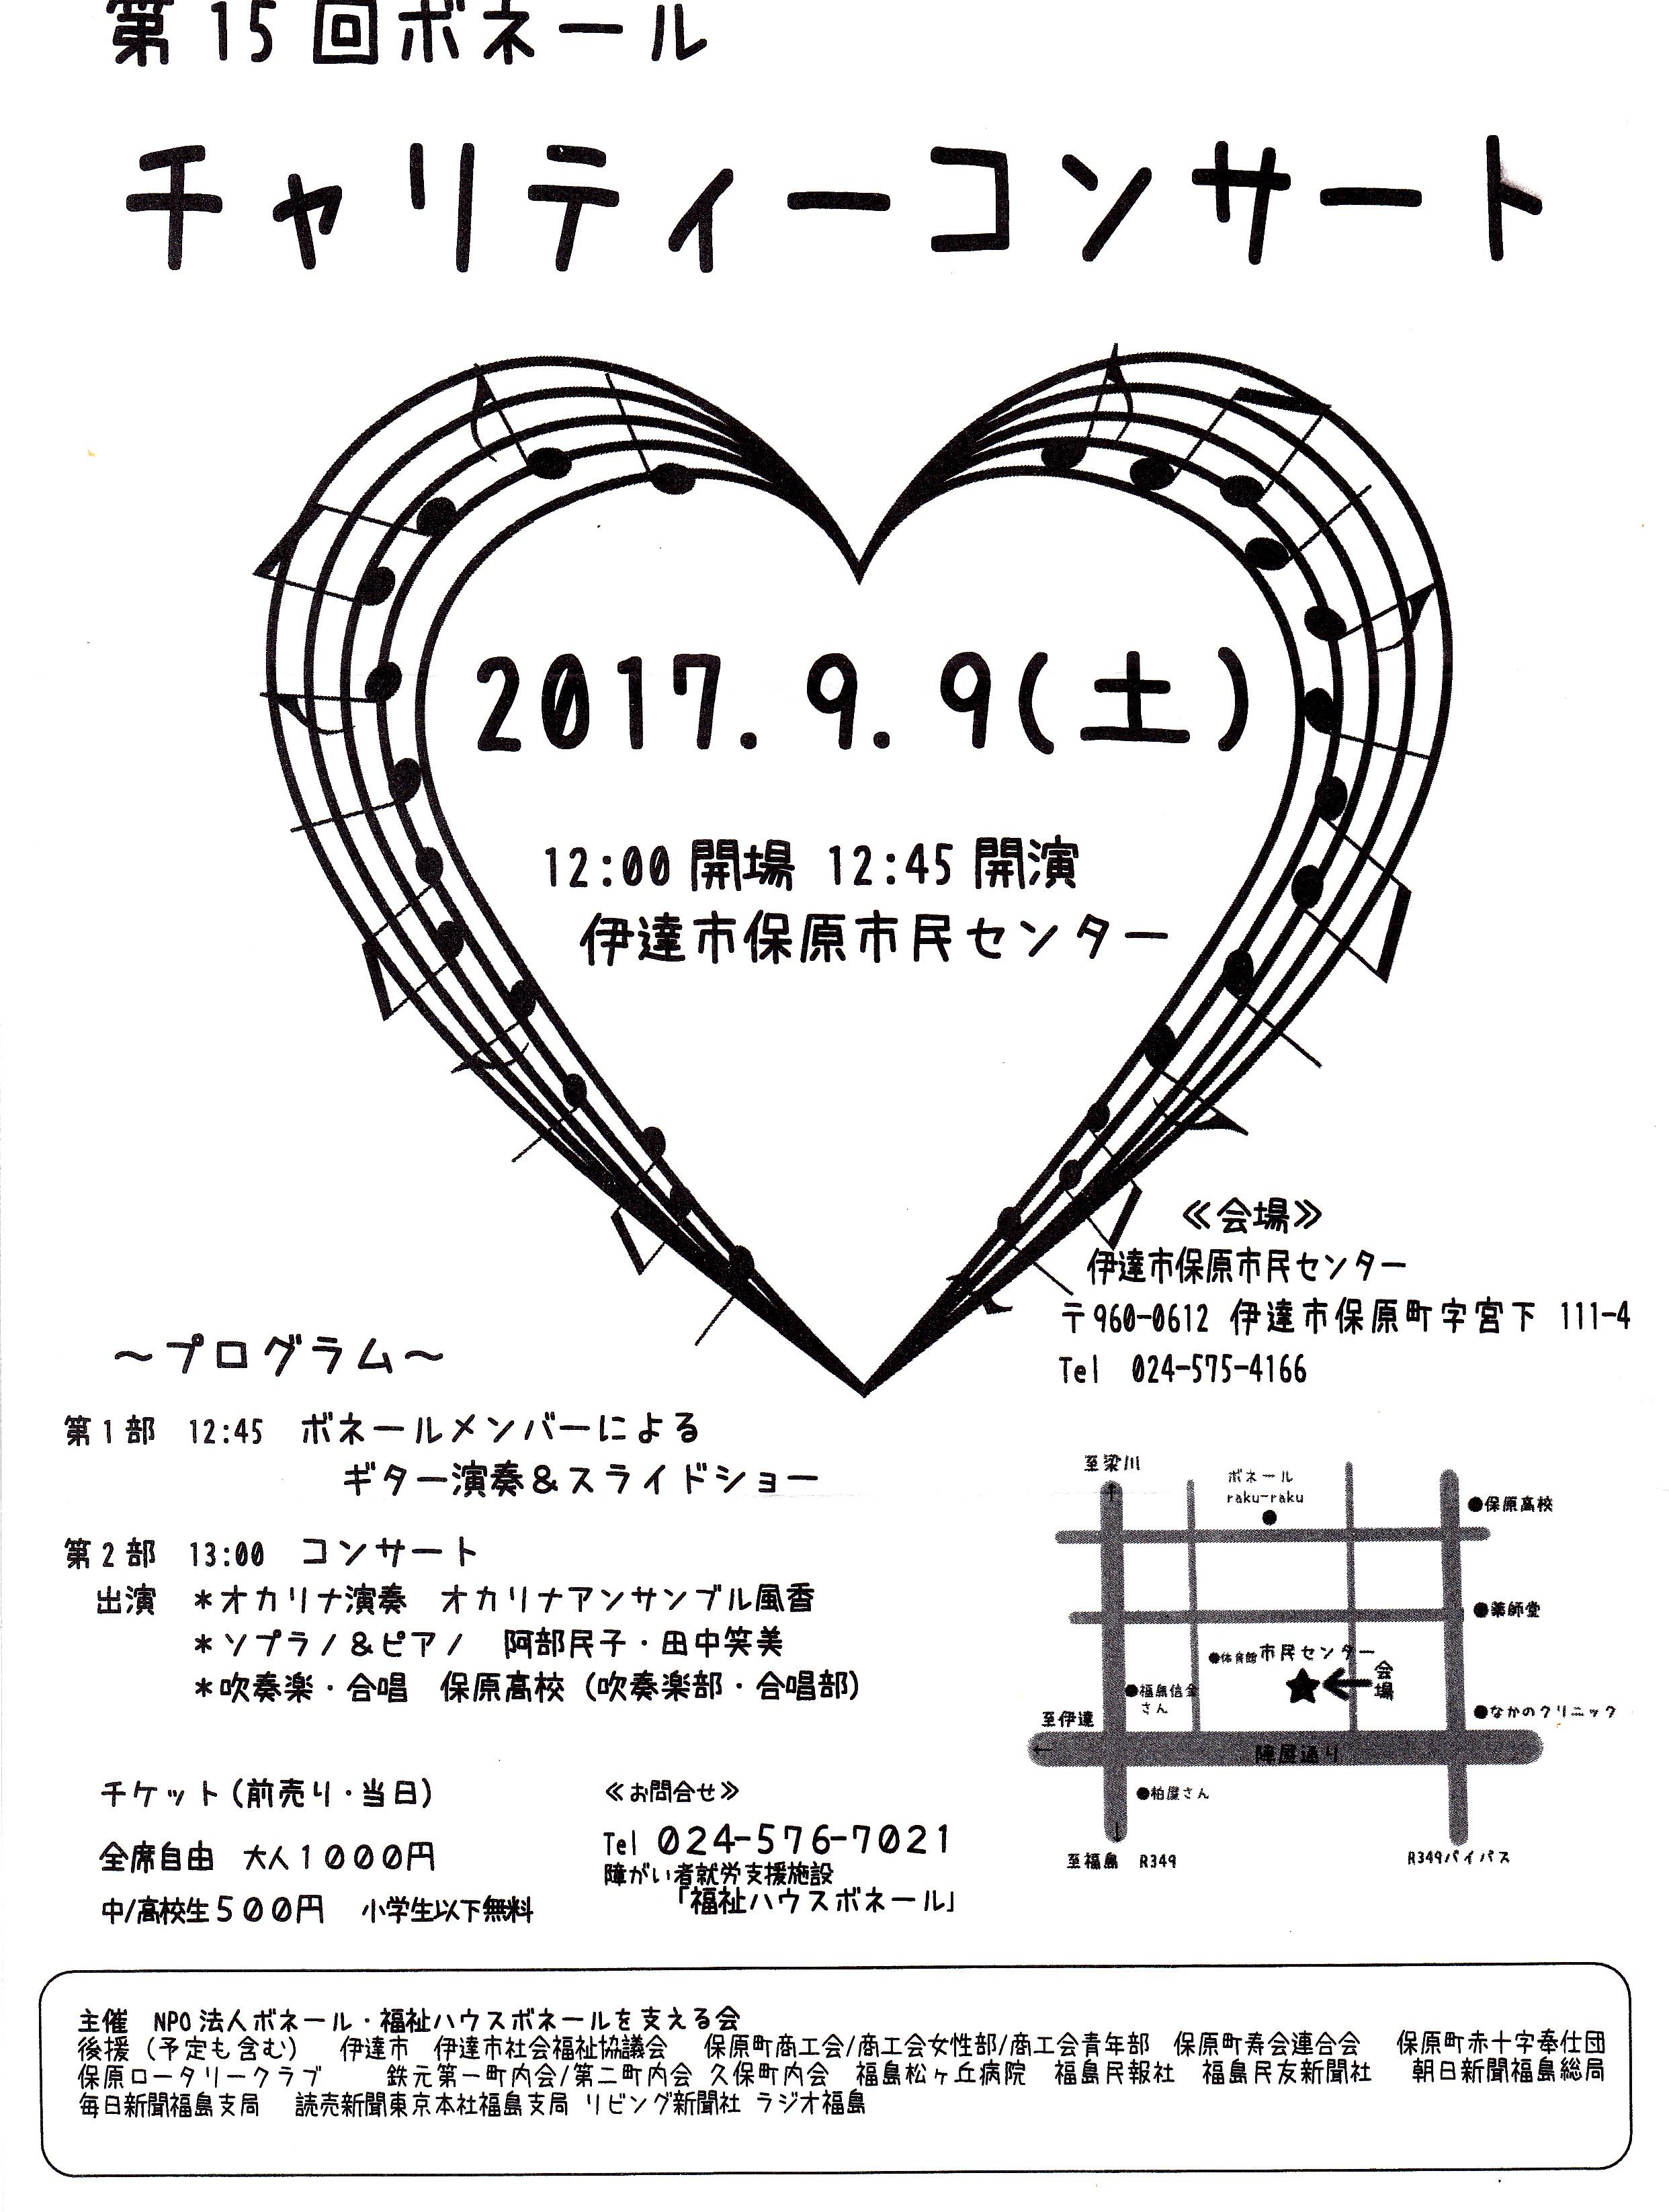 コンサート、福島県伊達市、ボネール、あべたみこ